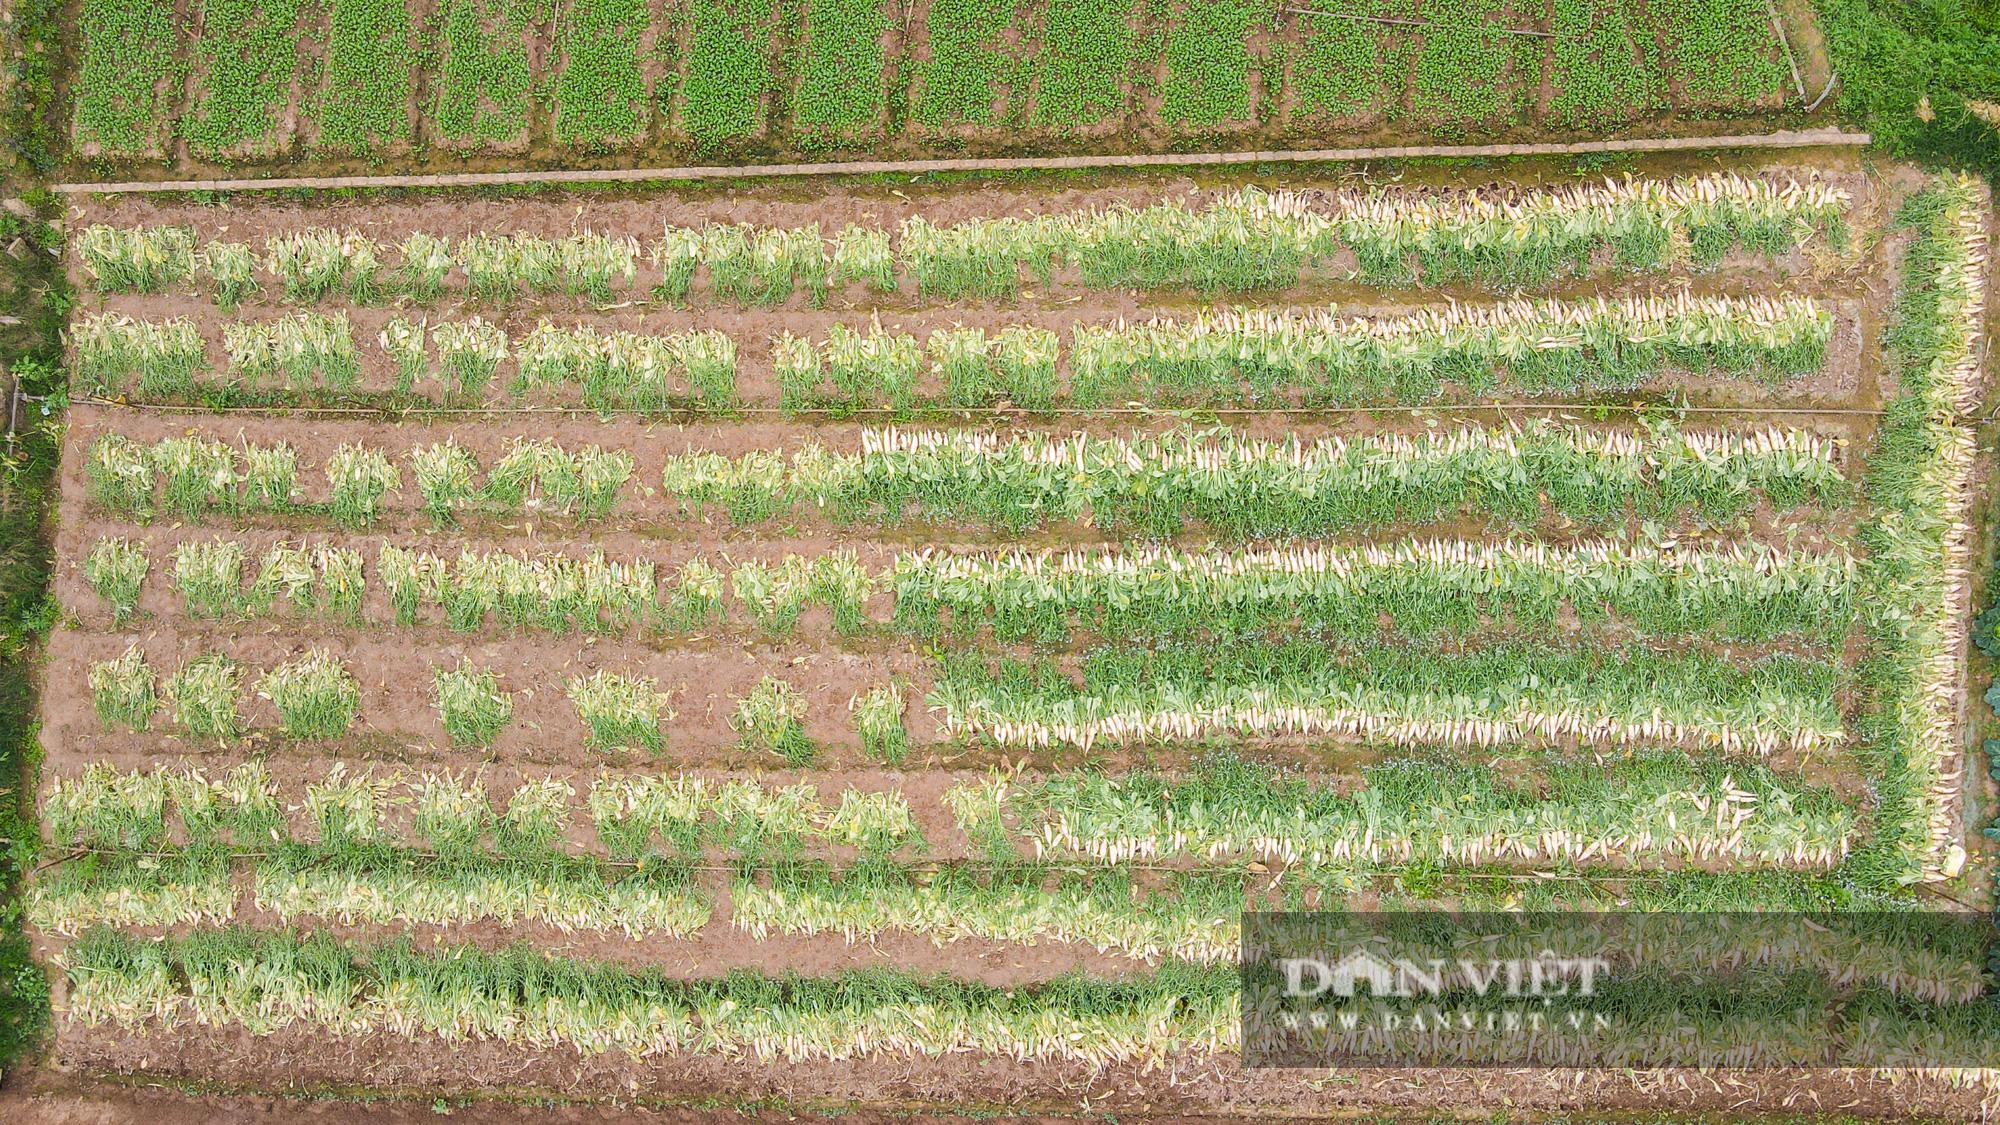 Củ cải thối phơi trắng cánh đồng, cà chua đỏ ửng không ai thu hoạch  - Ảnh 1.